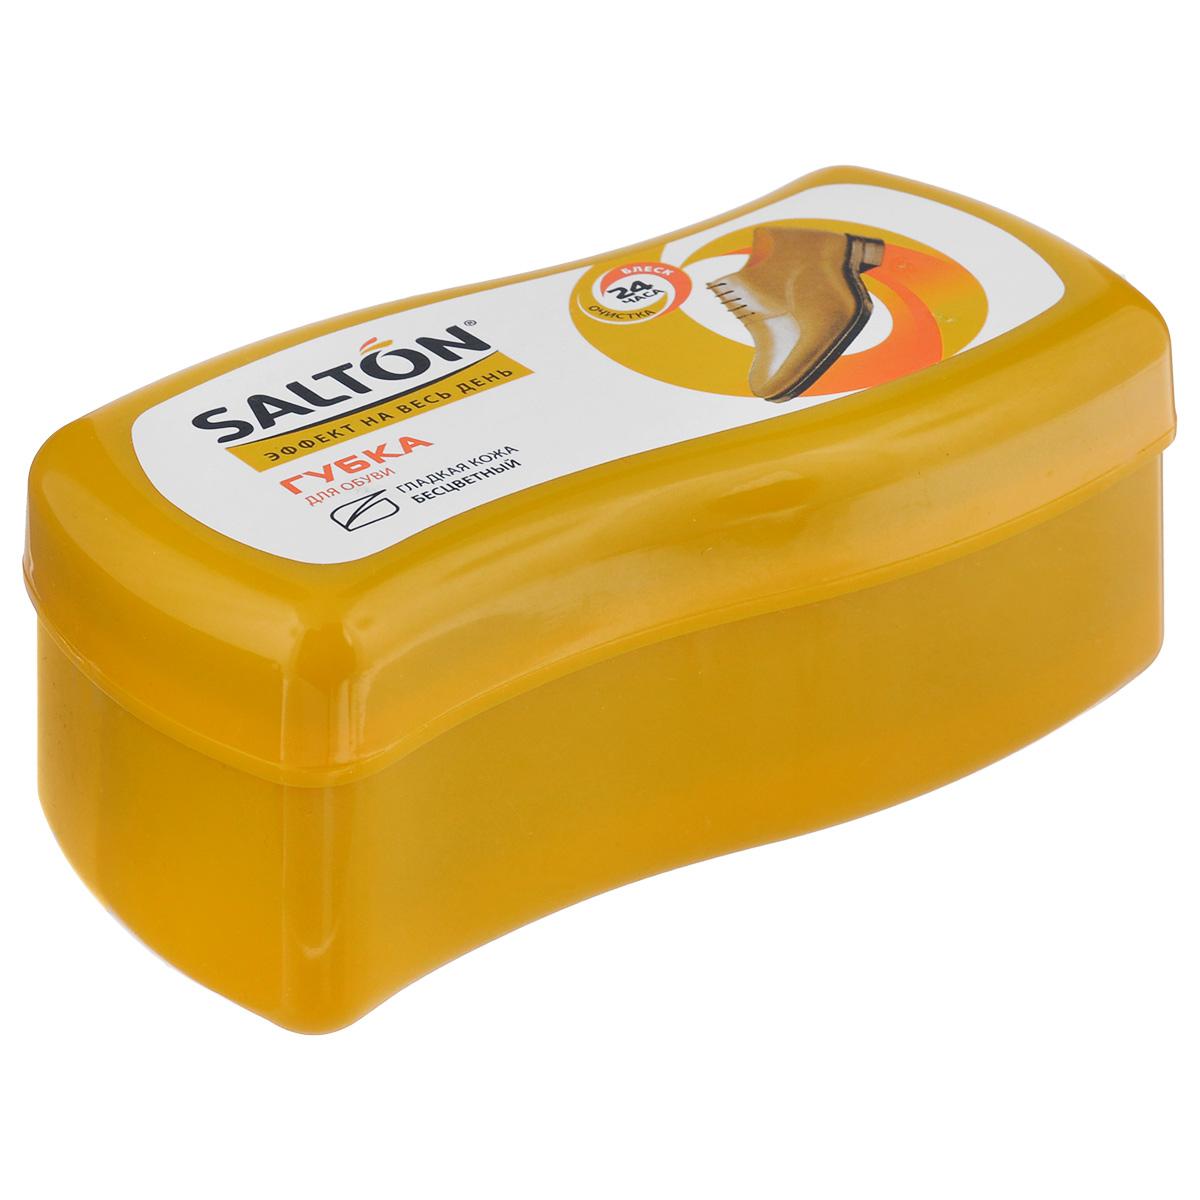 Губка Salton Волна для обуви из гладкой кожи, цвет: бесцветный, 12 см х 5,5 см х 5,5 см262586061Губка Salton Волна с норковым маслом предназначена для ухода за обувью из гладкой кожи, она придает ей естественный блеск. Не использовать для замши, нубука и текстиля.Размер: 12 см х 5,5 см х 5,5 см.Состав: пенополиуретан, силиконовое масло, норковое масло, воск, ланолин, отдушка.Товар сертифицирован.